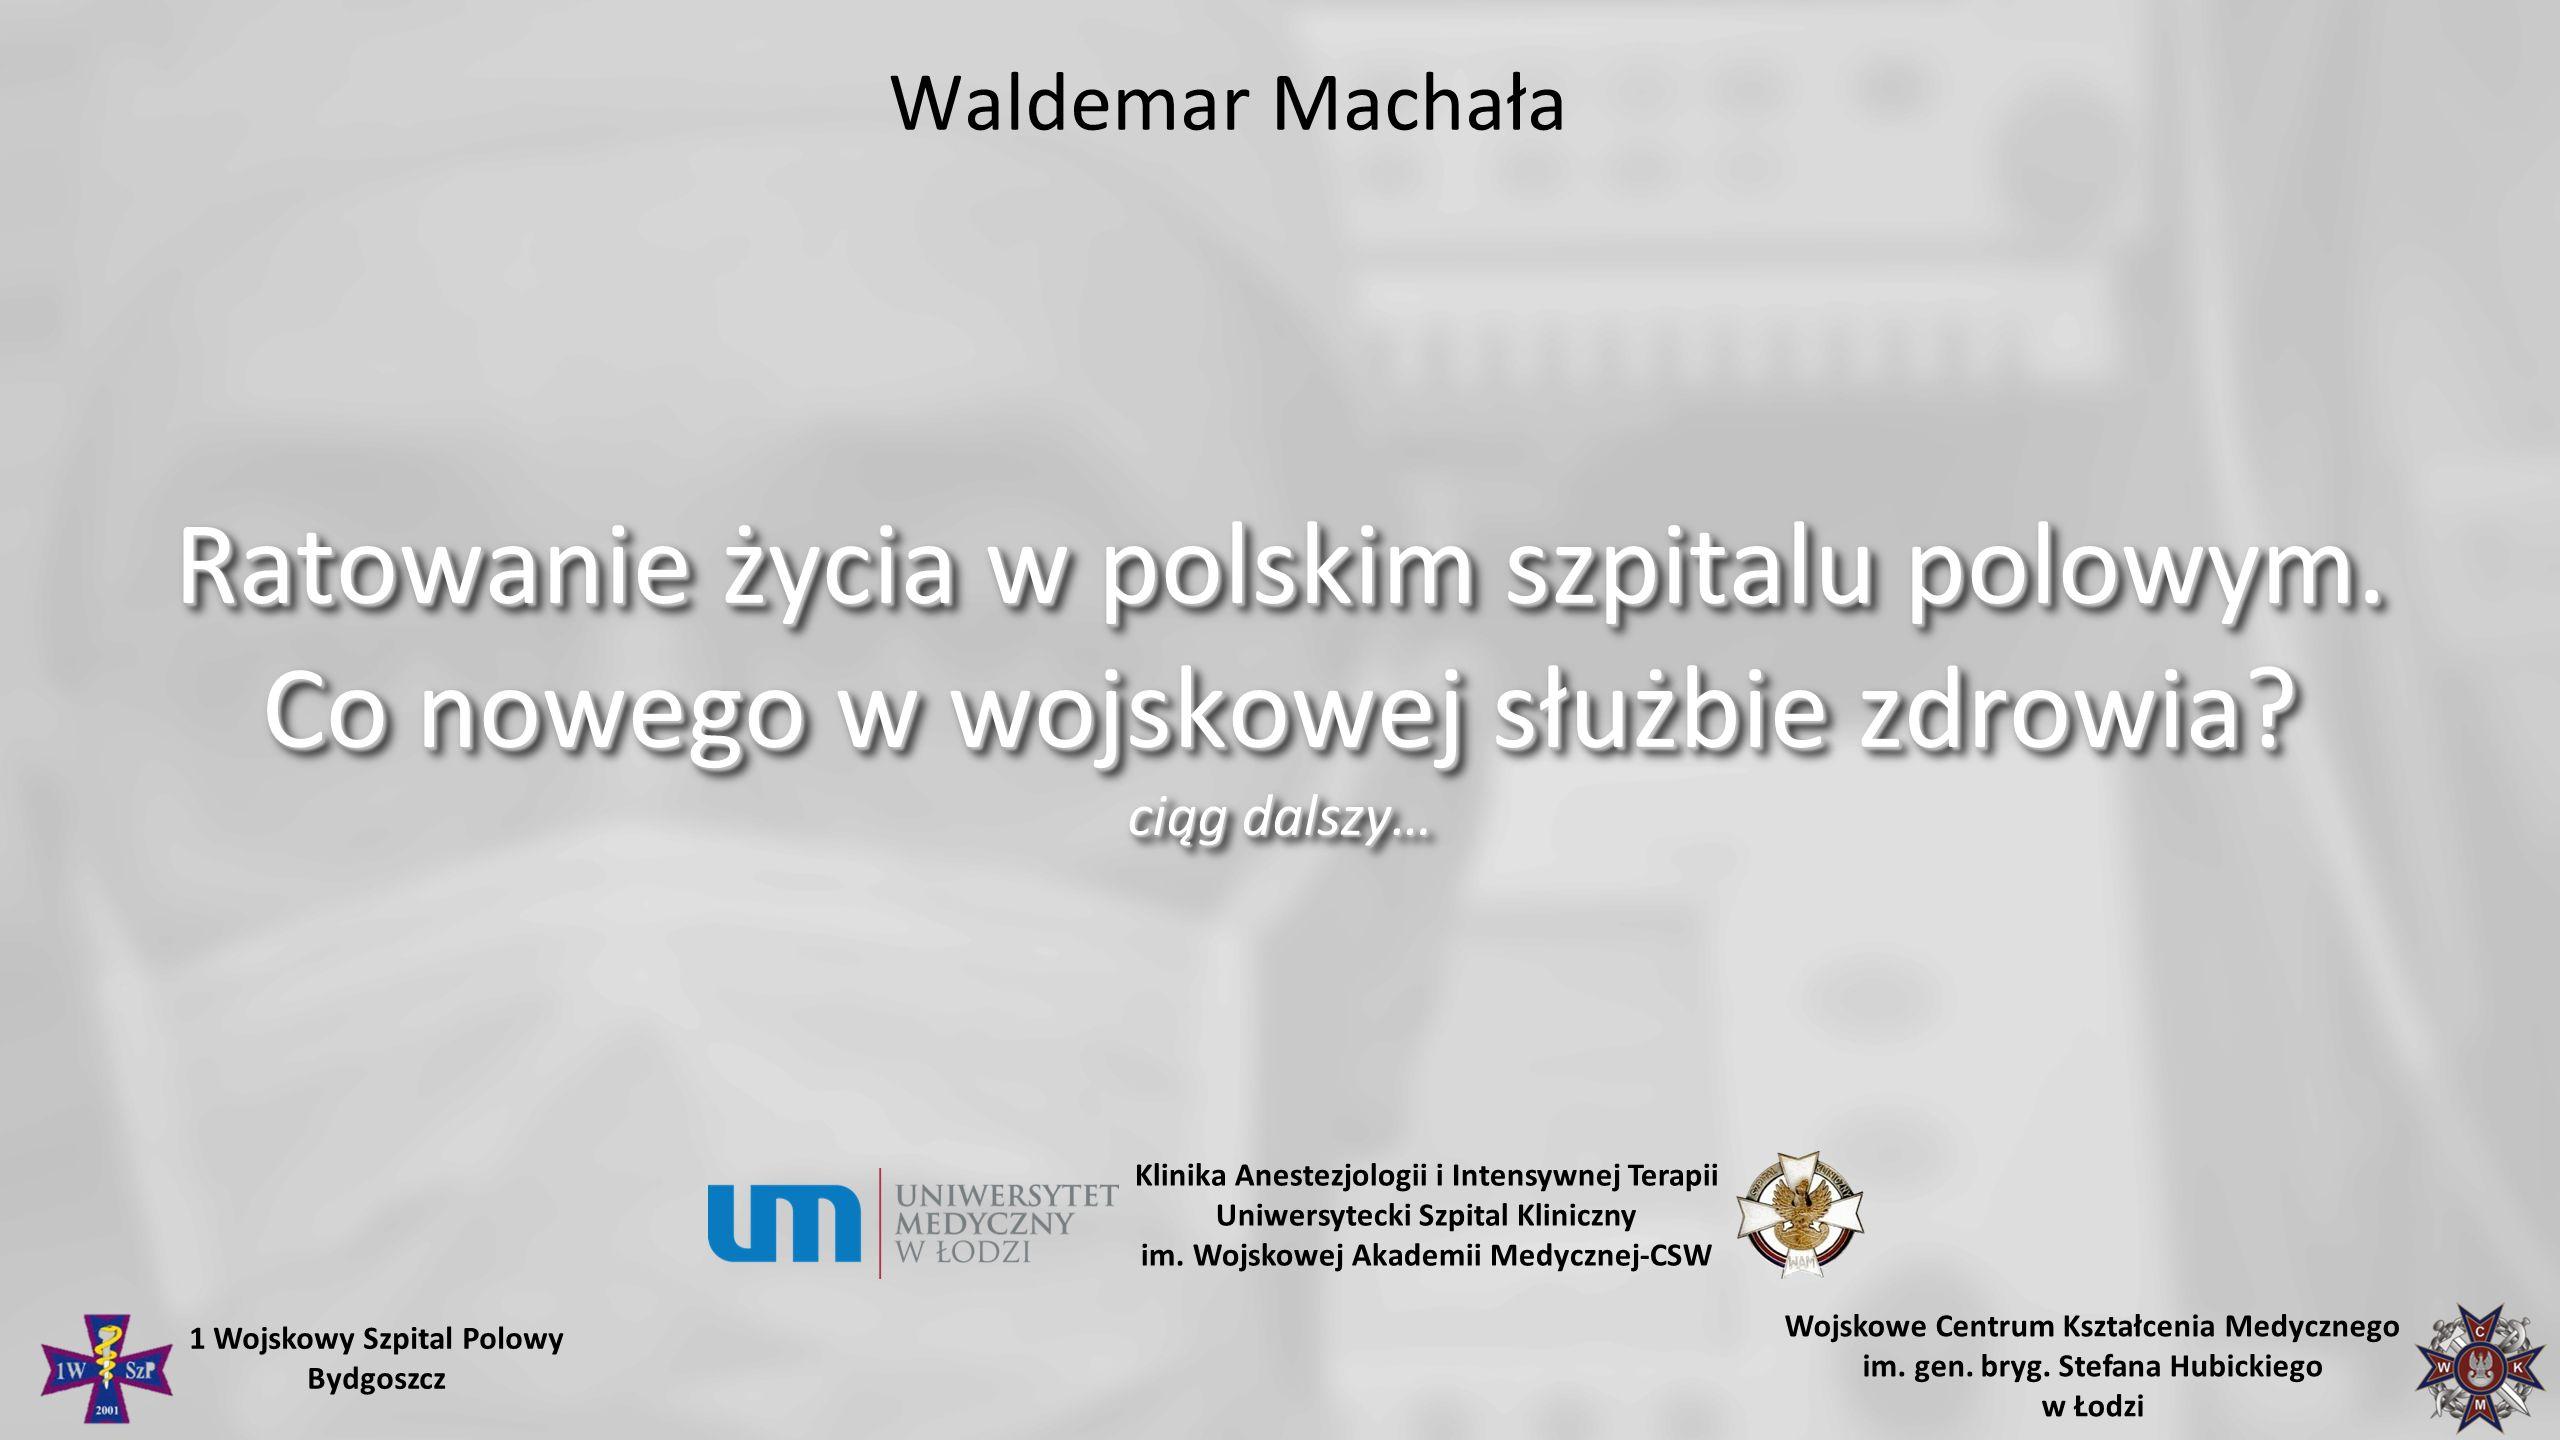 Waldemar Machała Ratowanie życia w polskim szpitalu polowym. Co nowego w wojskowej służbie zdrowia? ciąg dalszy… Klinika Anestezjologii i Intensywnej